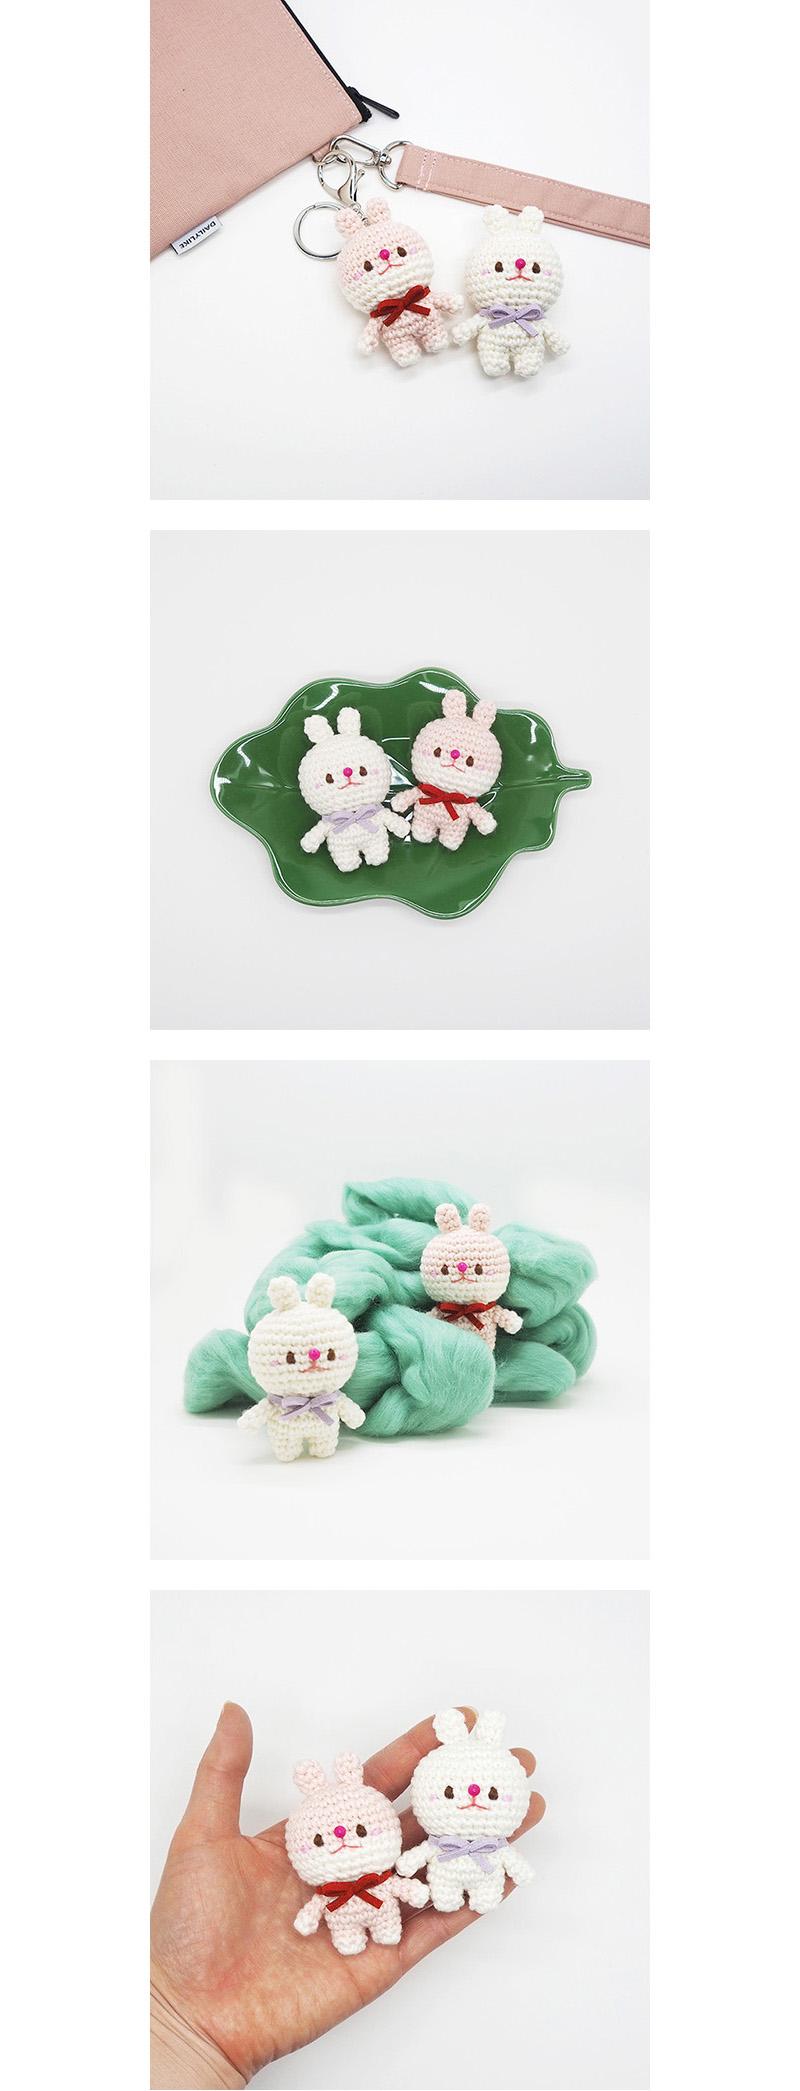 (손뜨개 DIY 키트) 꼬꼬마 코바늘 토끼 인형 (+튜토리얼 영상) - 이소의 꿈타래, 15,000원, 뜨개질, 소품 패키지